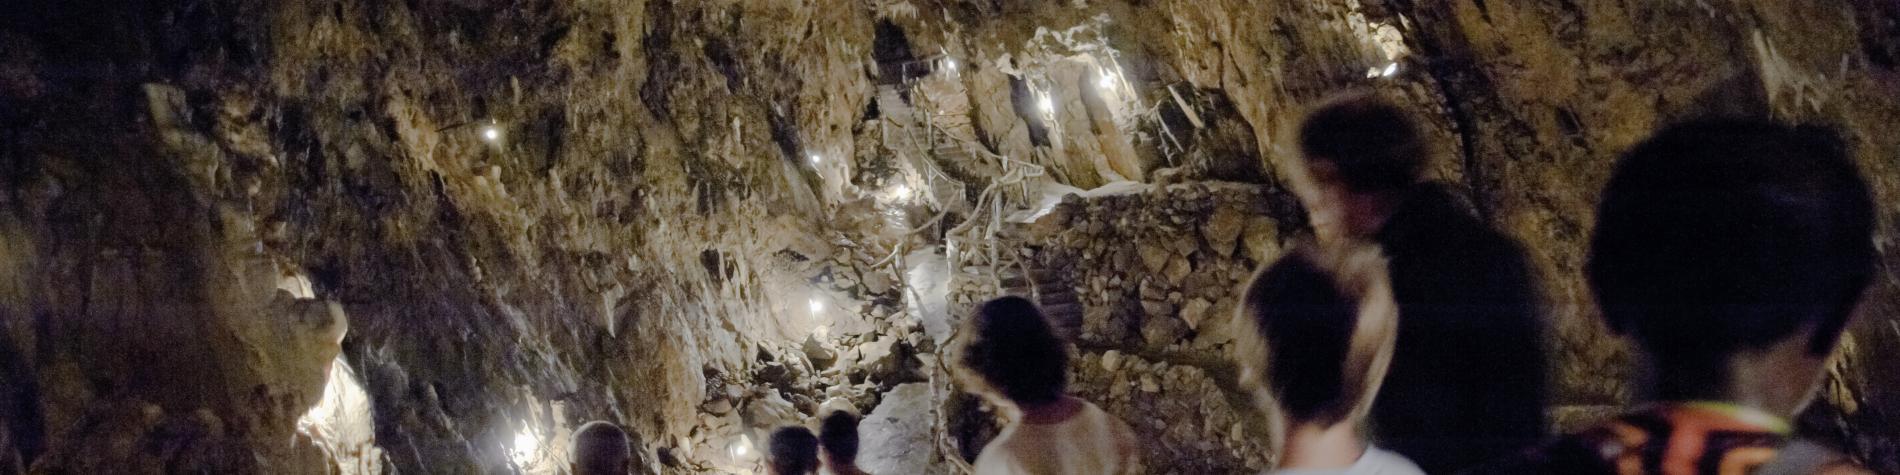 Explorez la grotte La Merveilleuse à Dinant